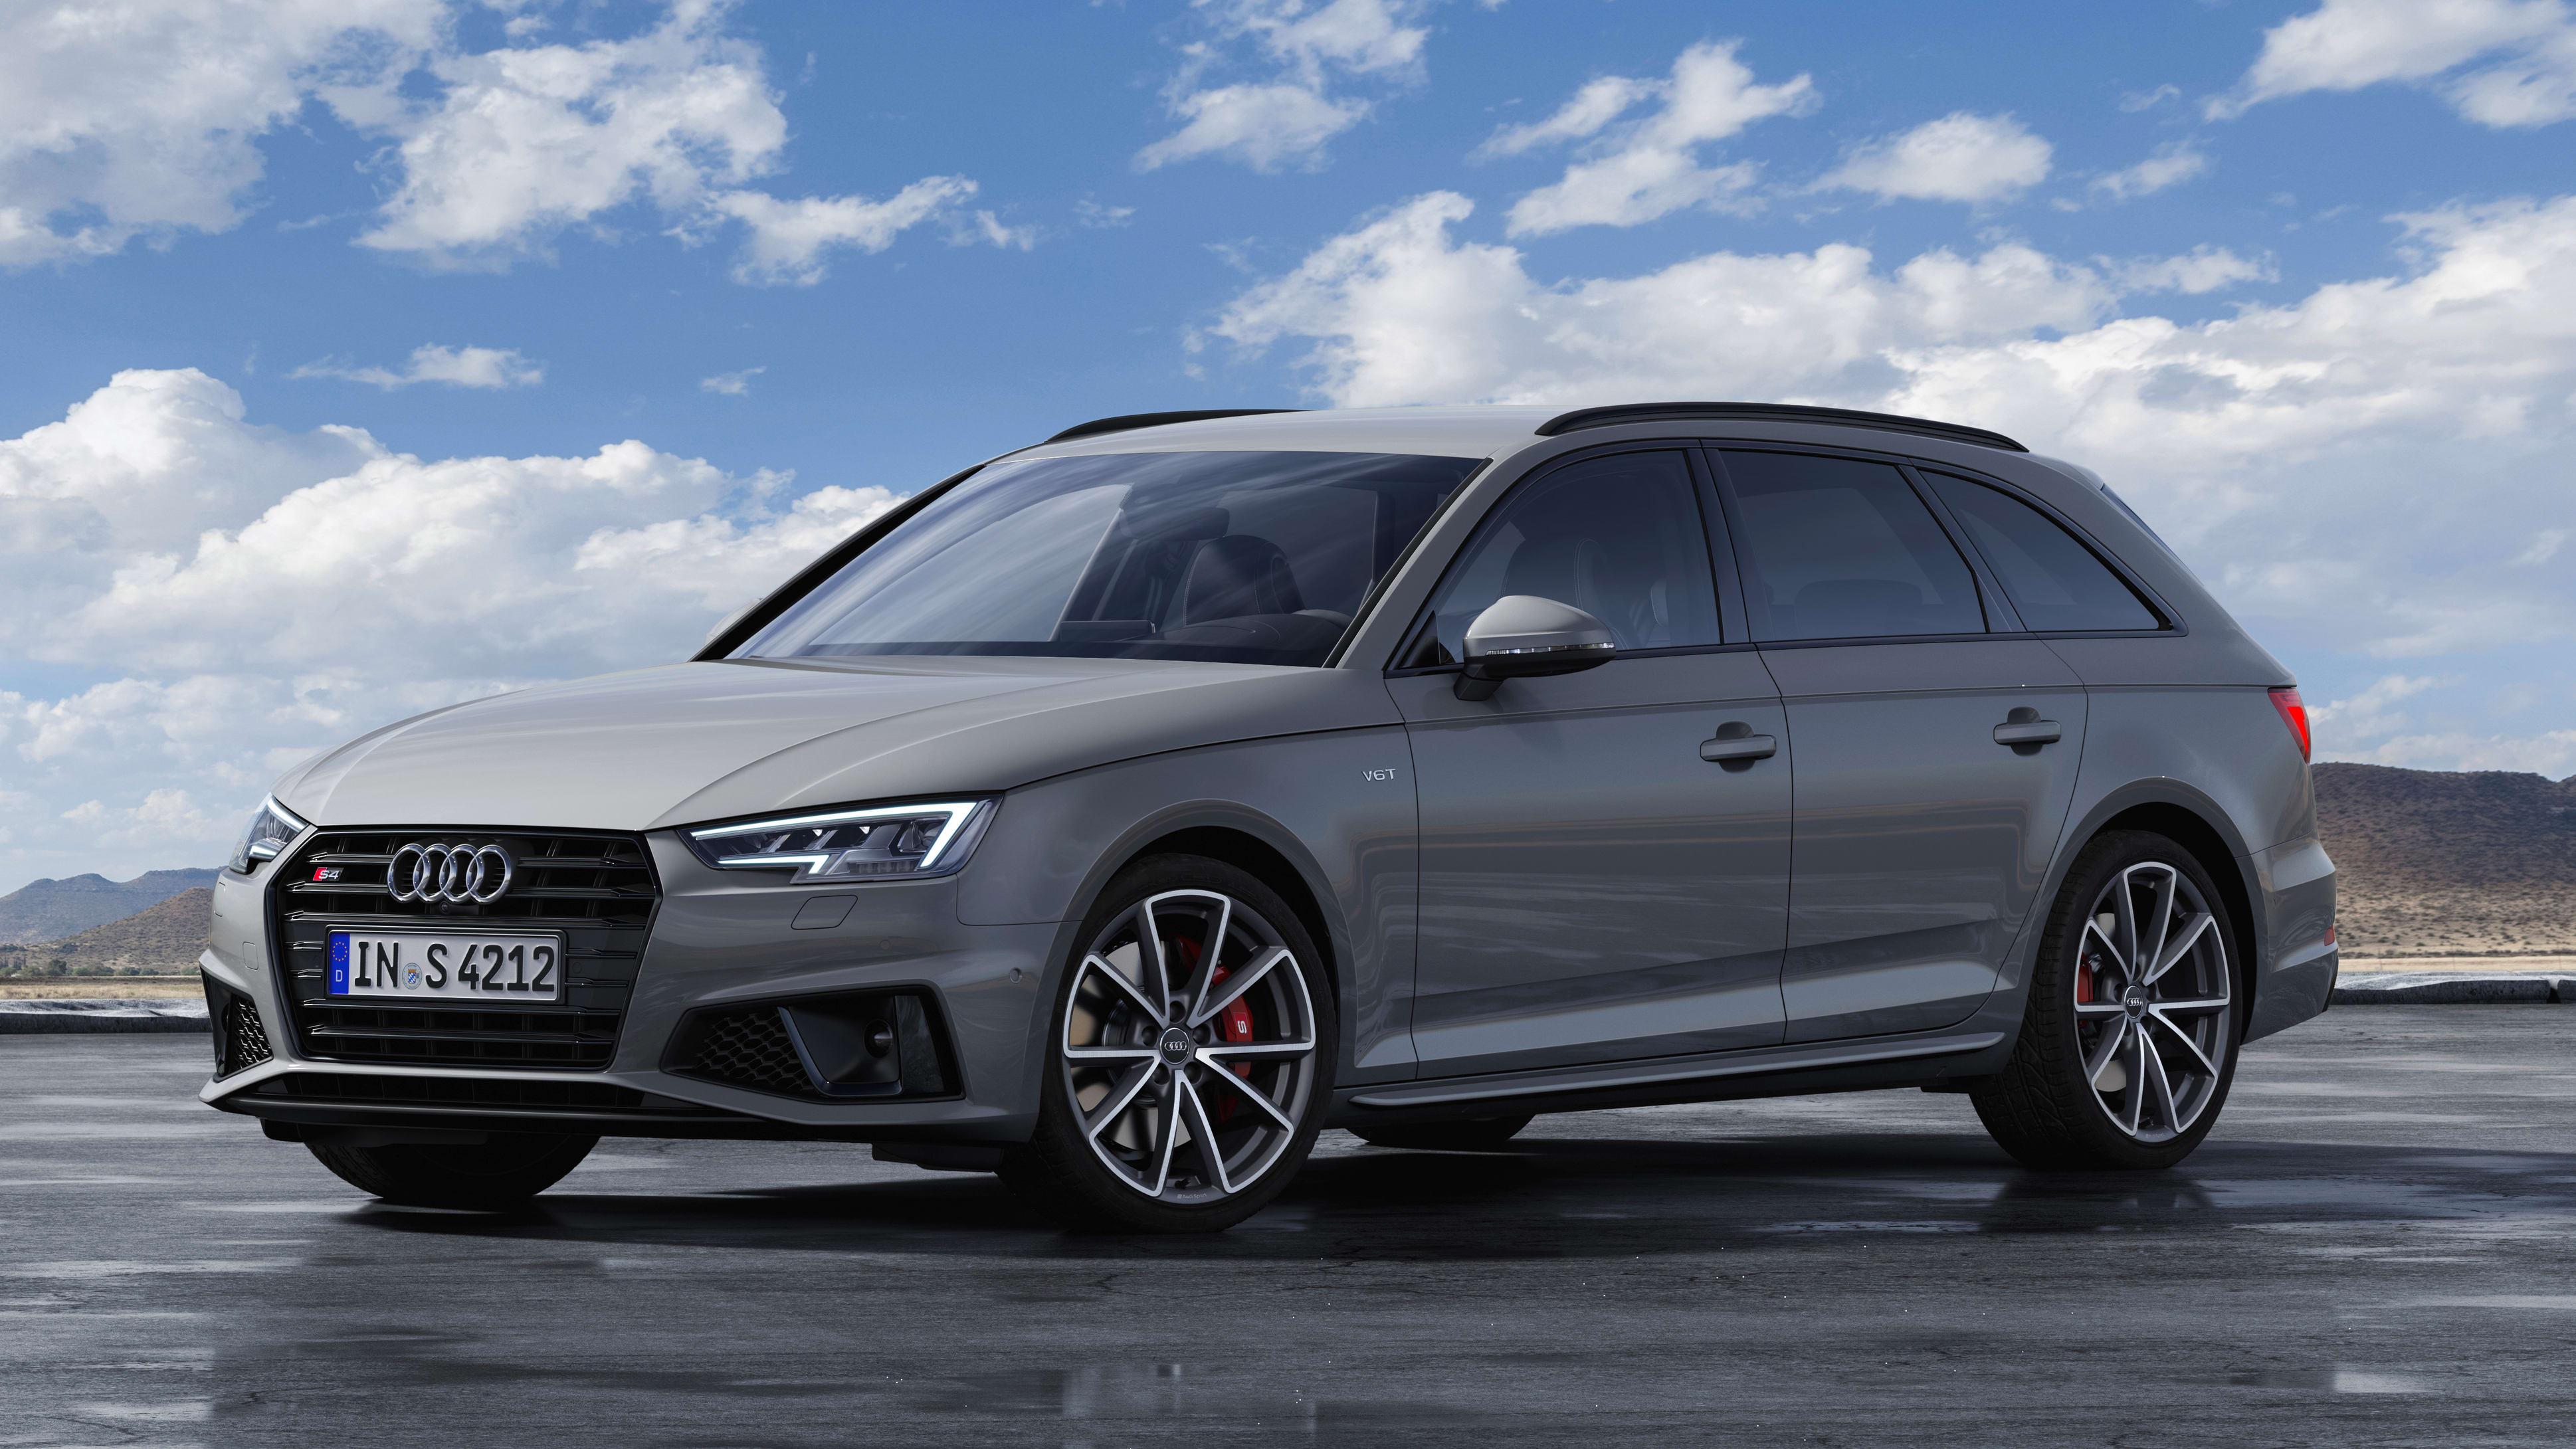 Kelebihan Kekurangan Audi S4 2019 Top Model Tahun Ini